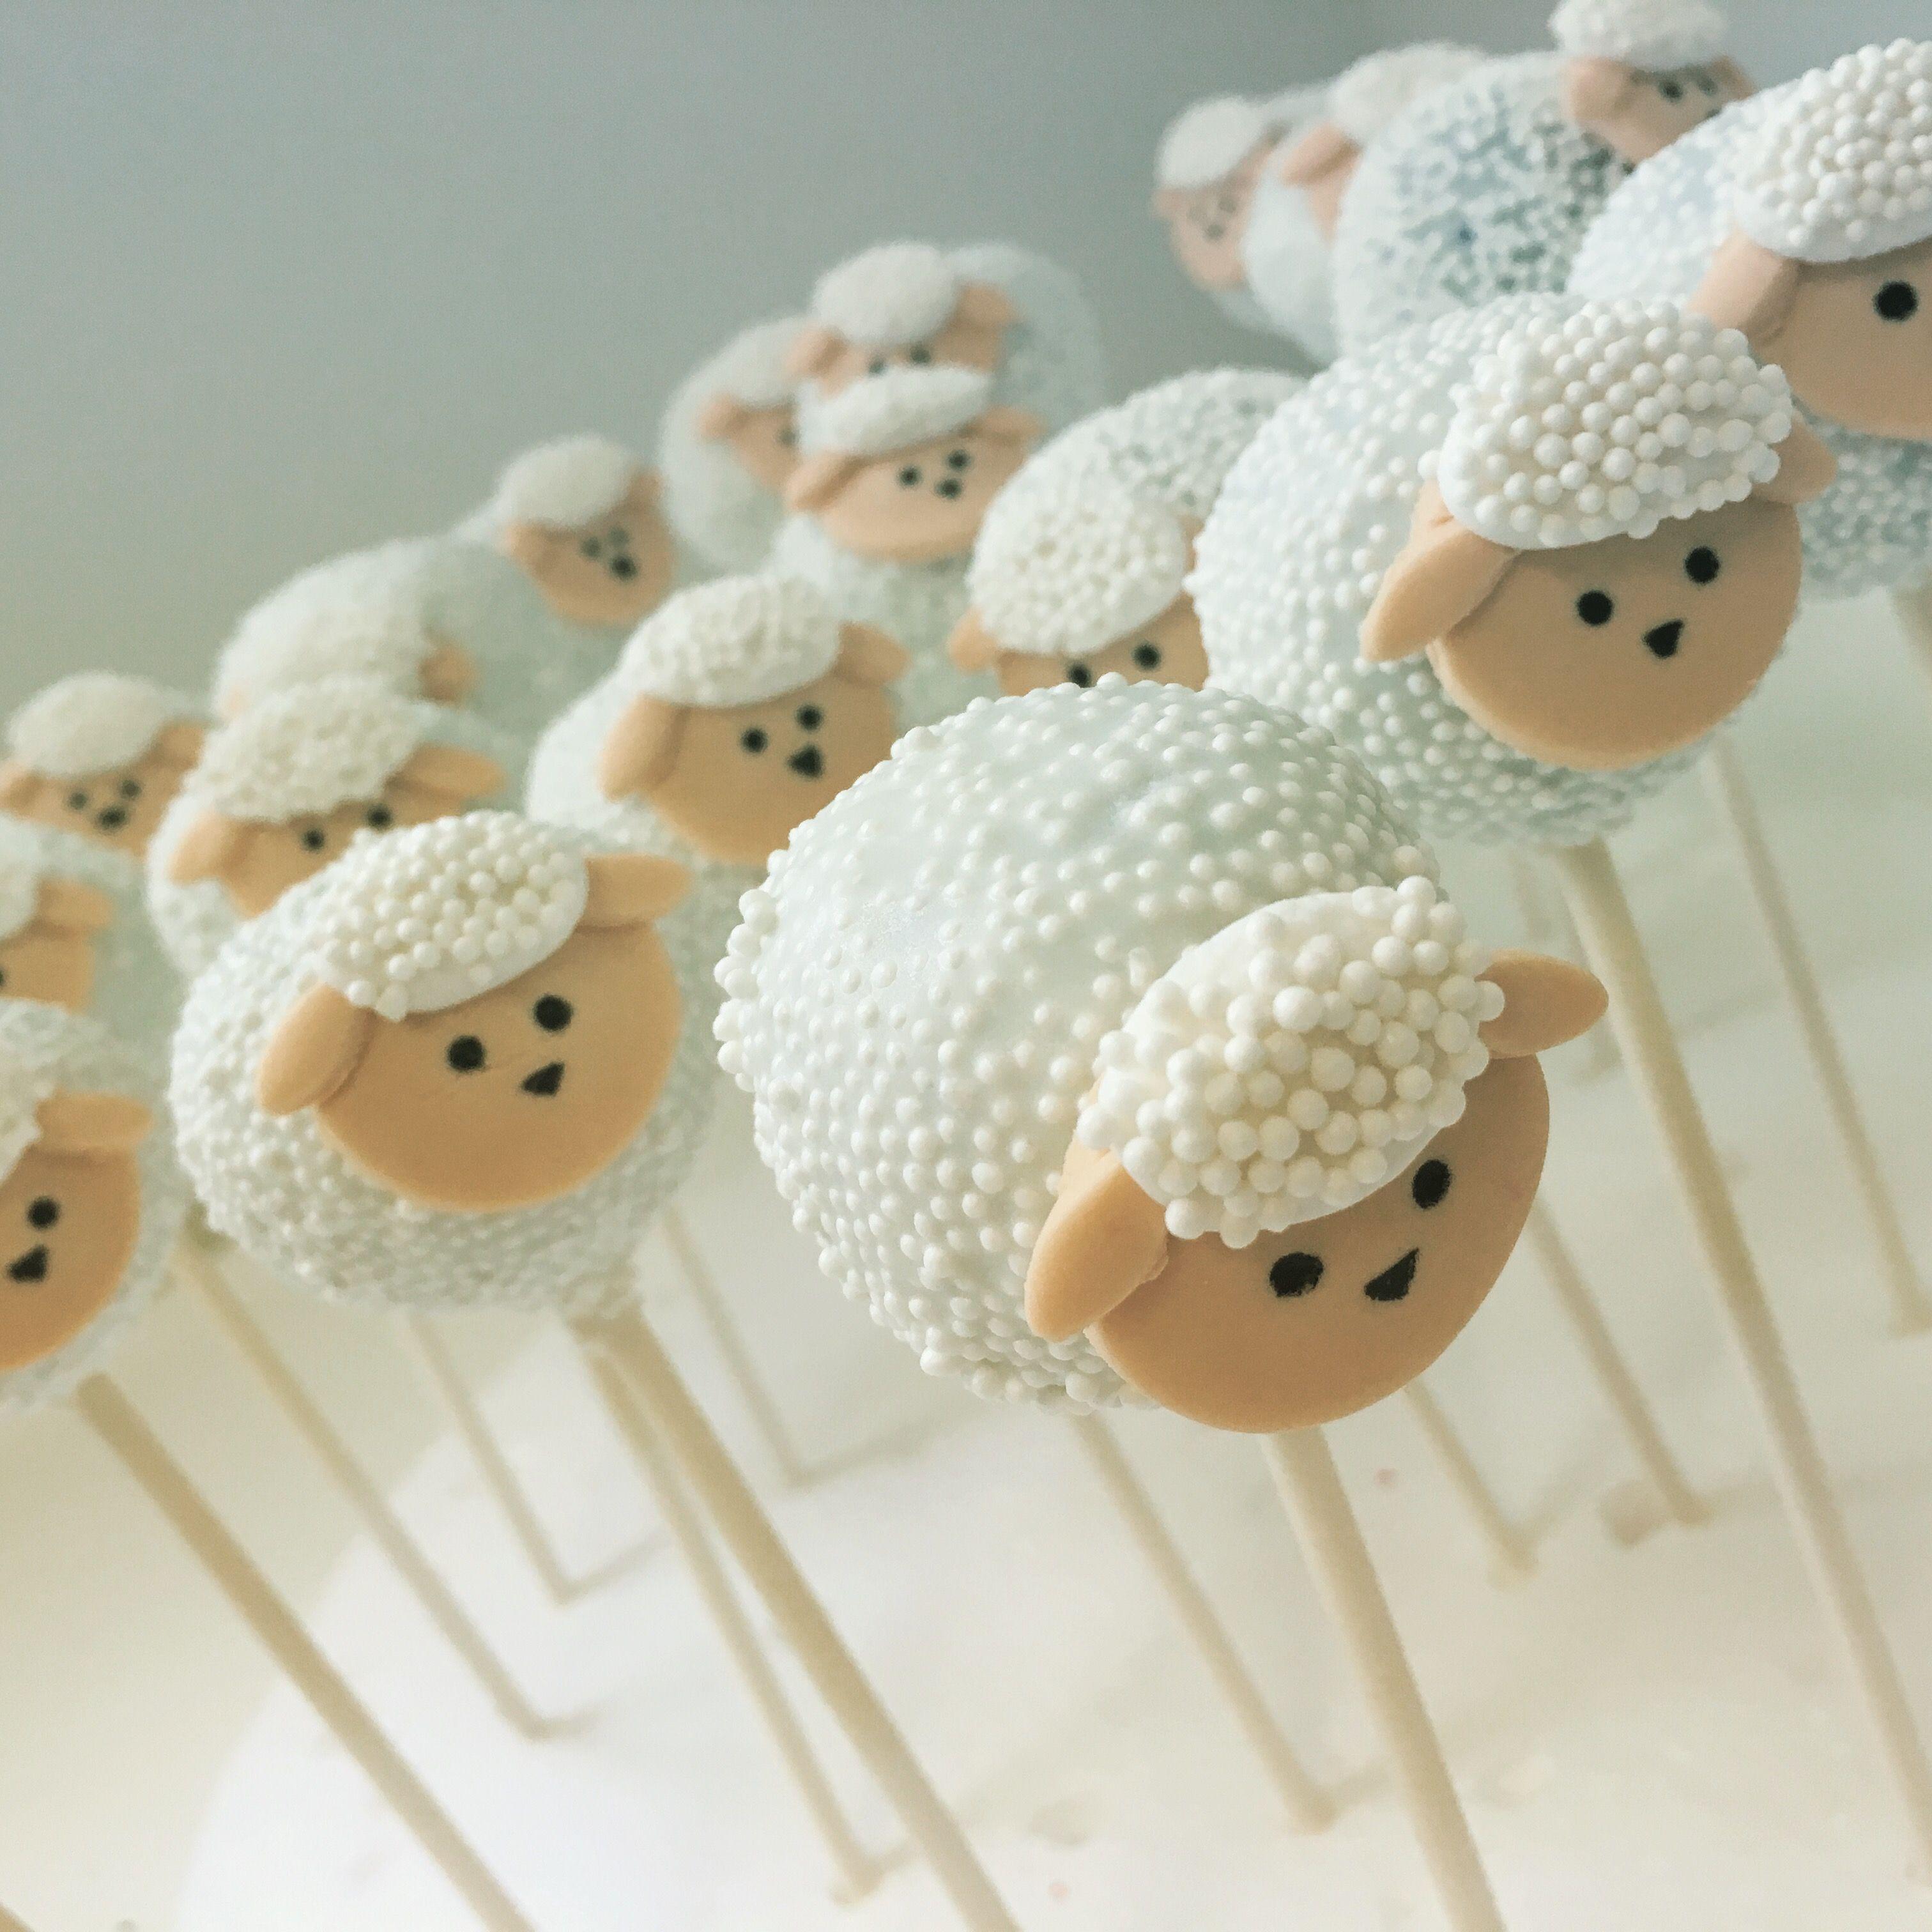 Wedding Shower Cake Pop Ideas